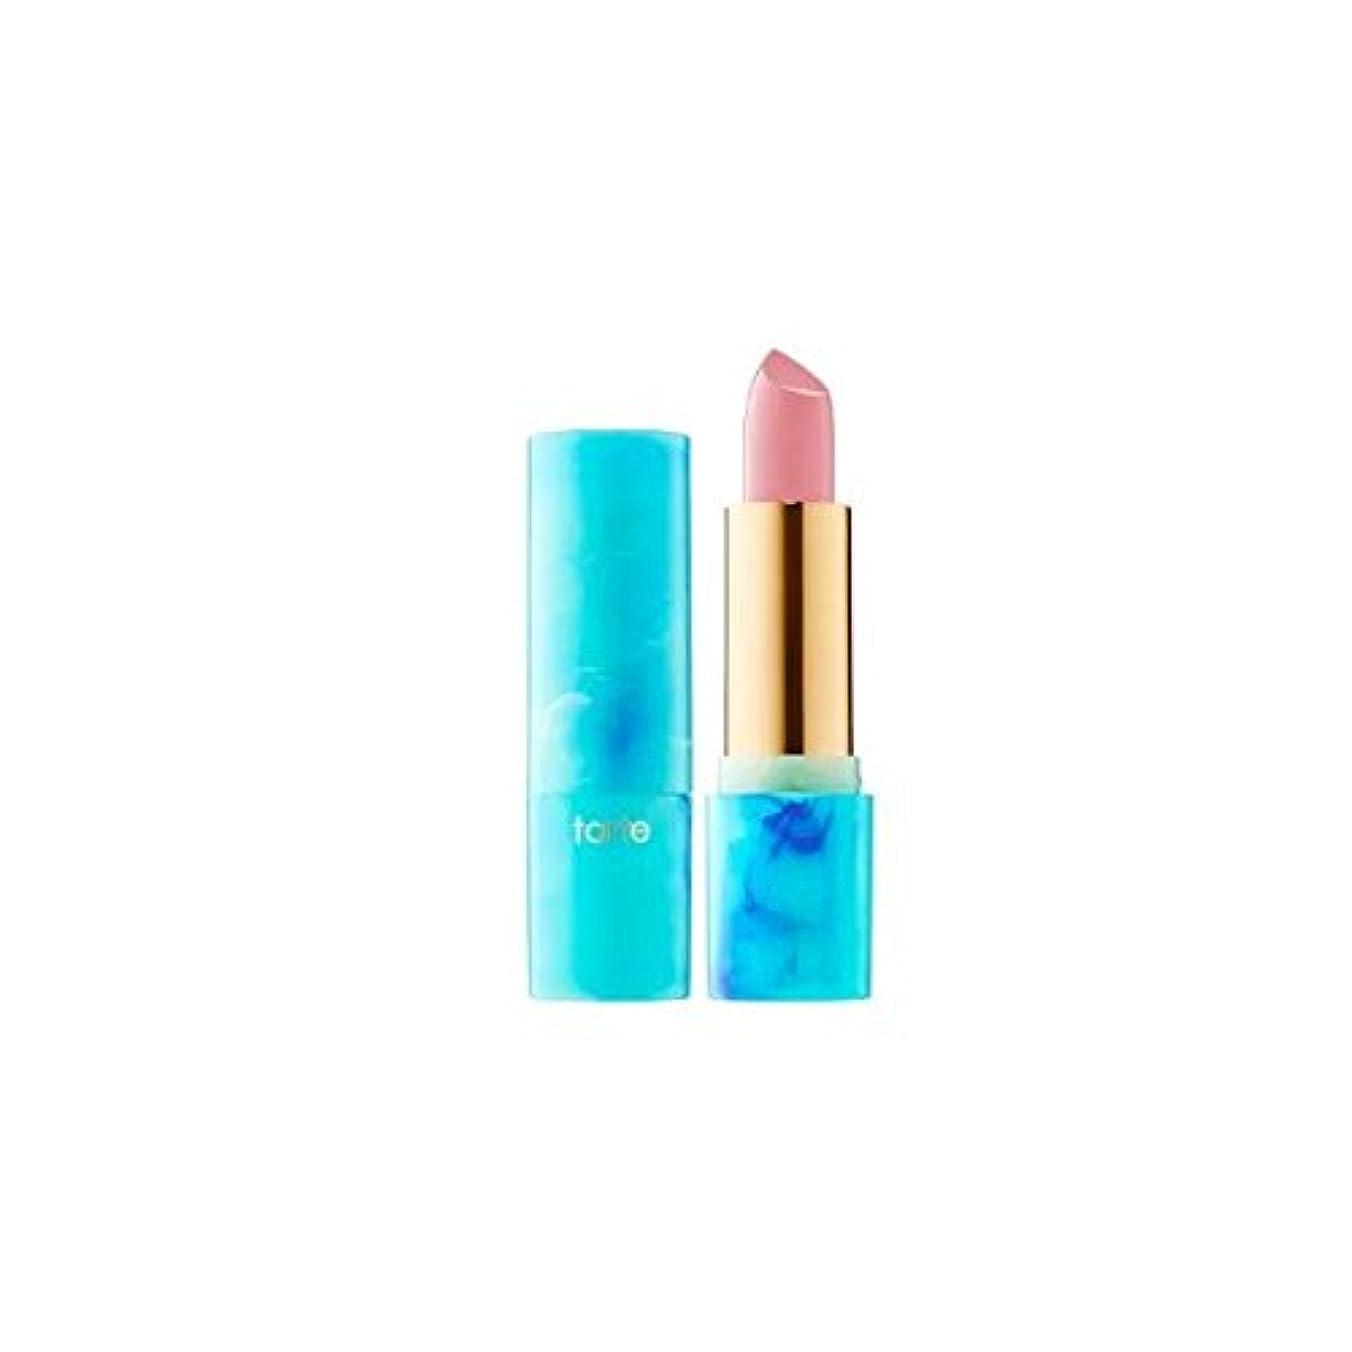 神経成り立つくつろぐtarteタルト リップ Color Splash Lipstick - Rainforest of the Sea Collection Satin finish